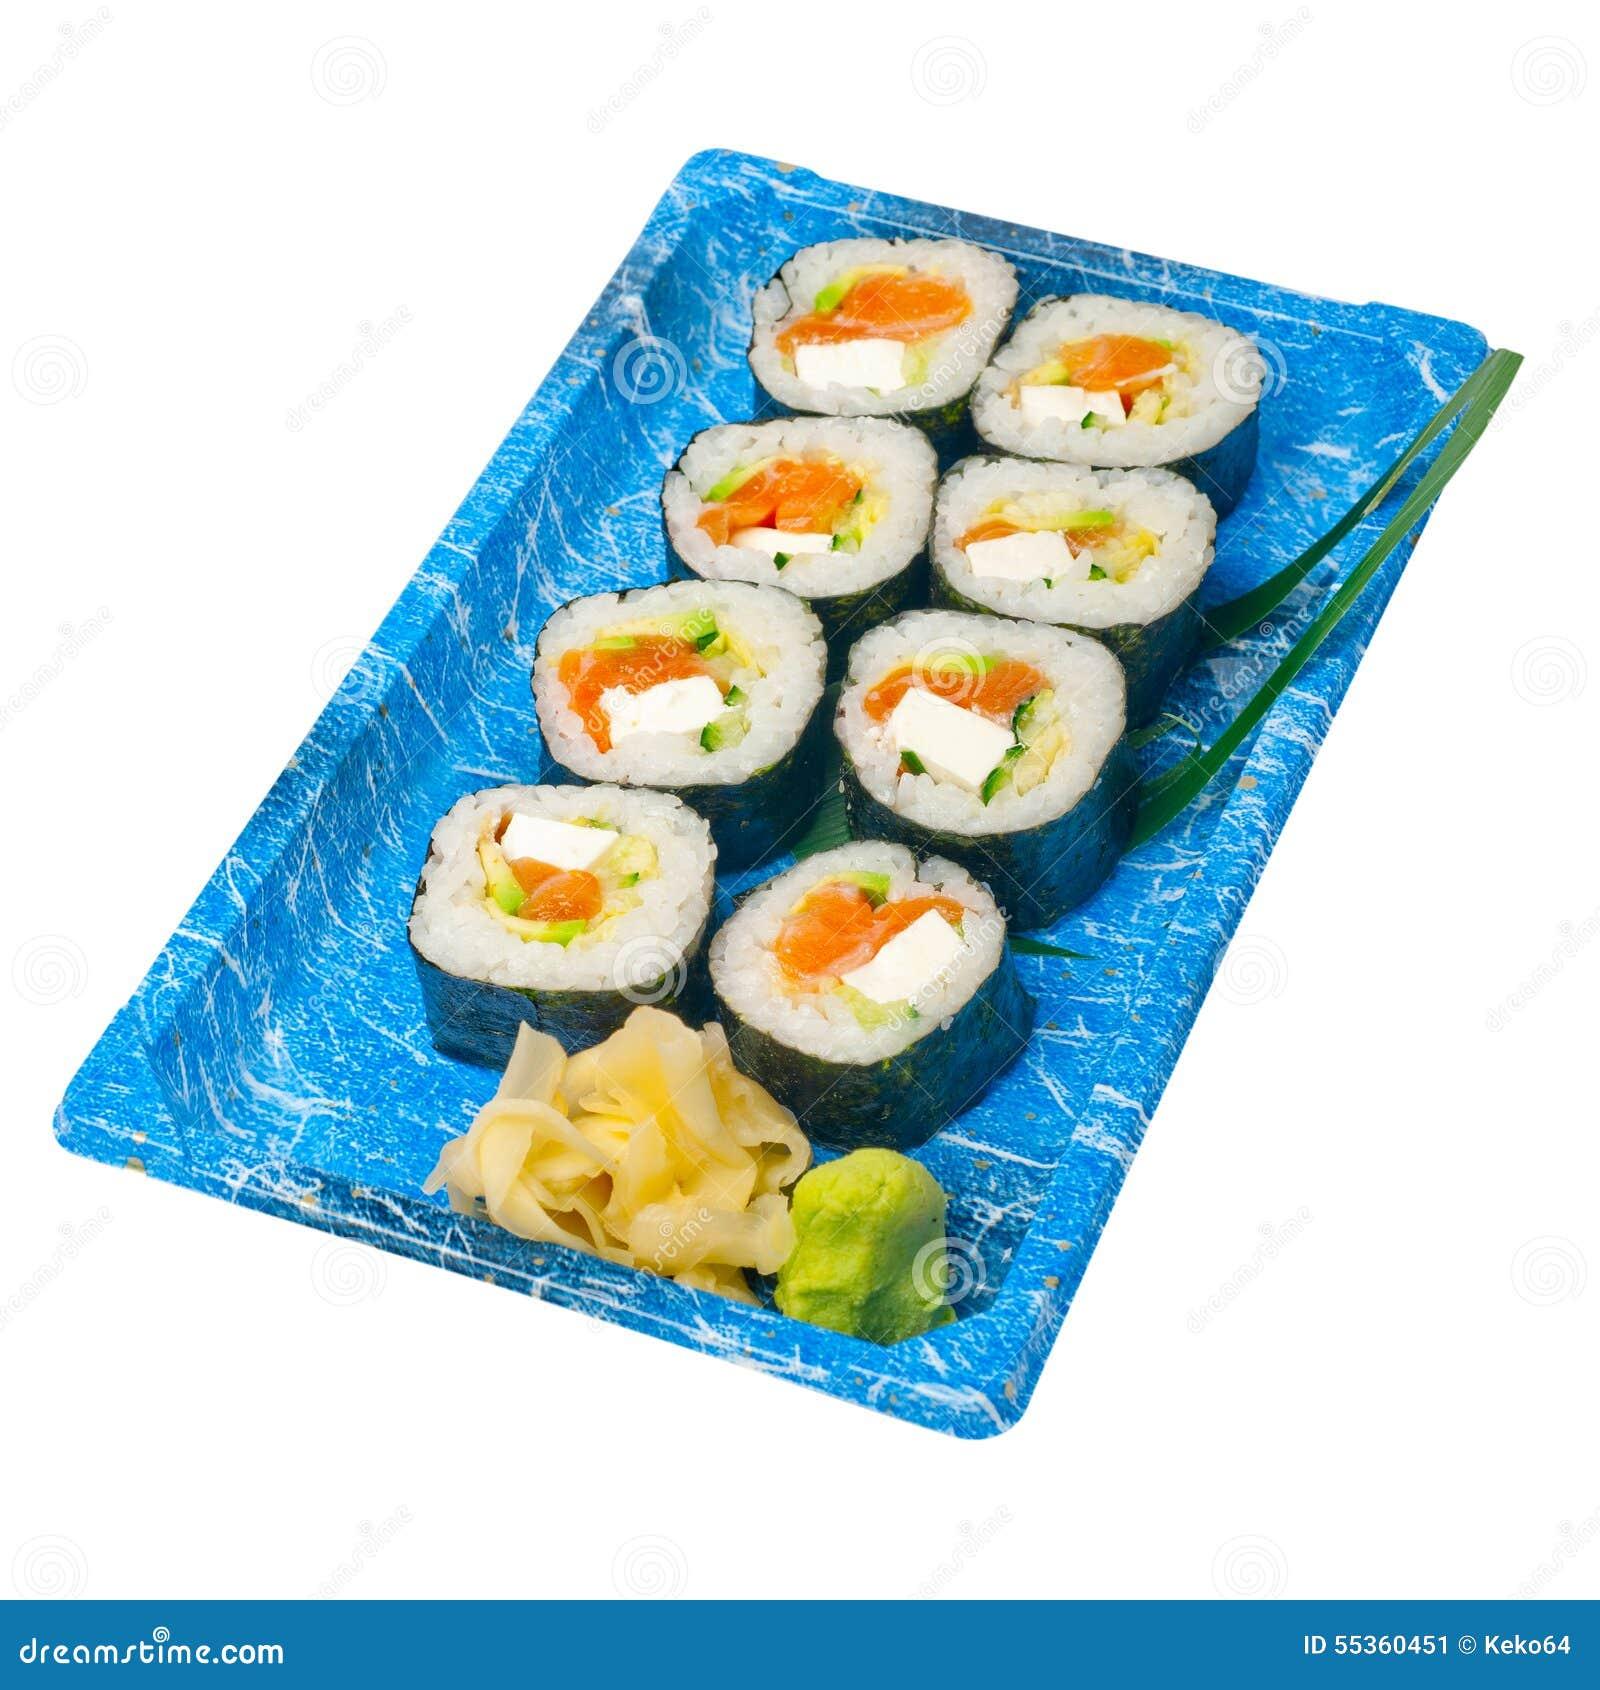 Porti via i sushi precisi sul vassoio di plastica